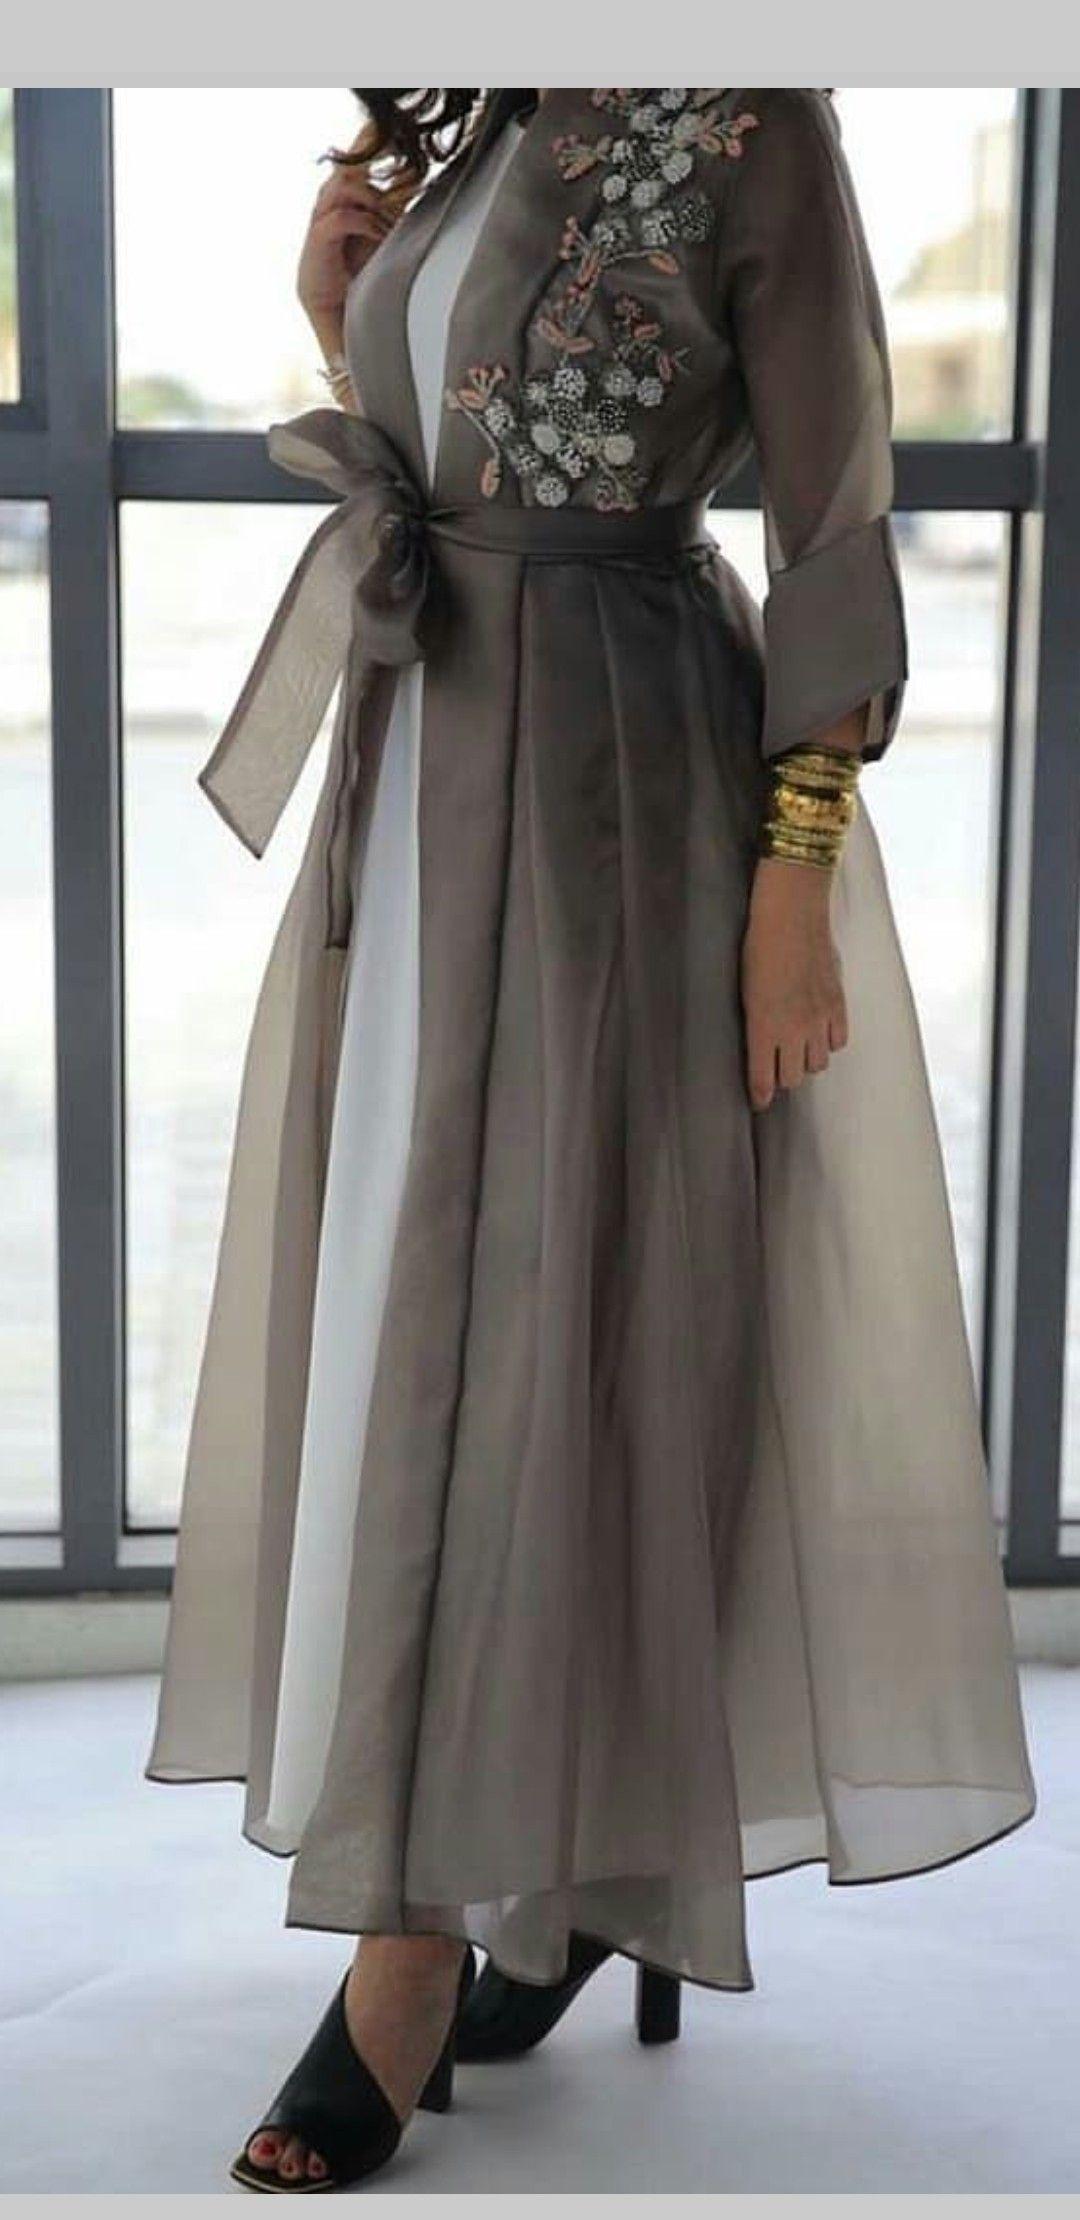 95935c0d9b2 a74773faad0fcfb354ce1b88077c0cca.jpg 1 080×2 220 пикс Хиджаб Платье